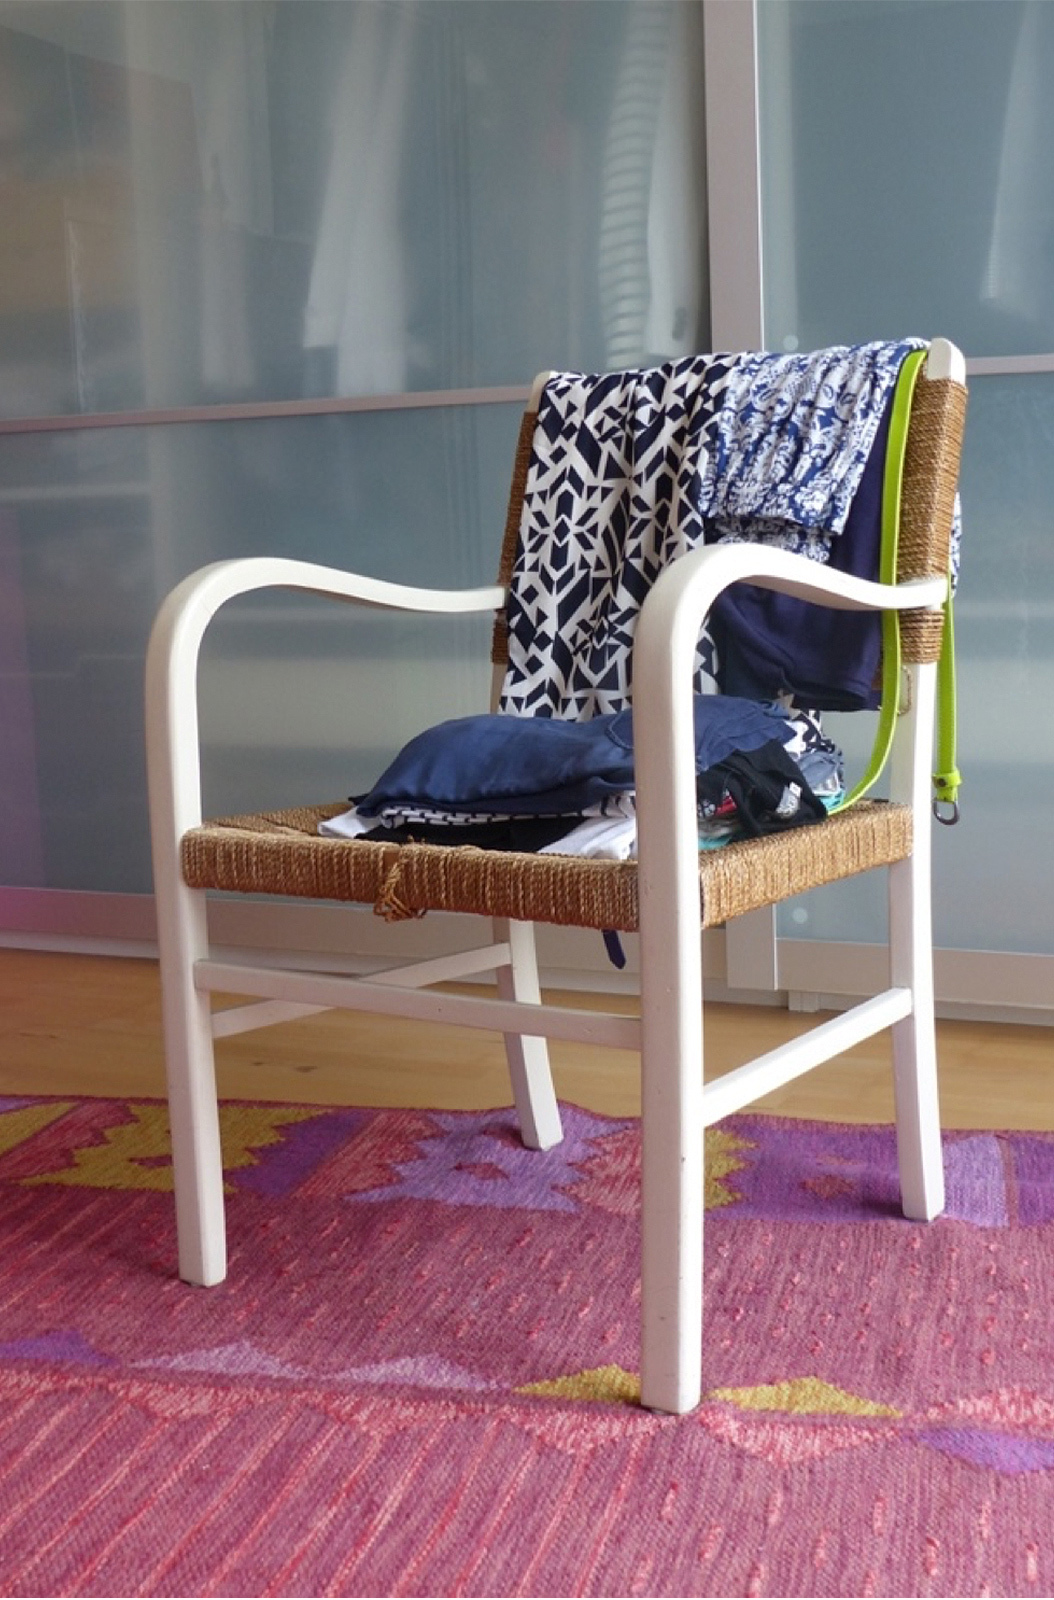 Full Size of Schlafzimmer Stuhl Der Ablagestuhl Ein Immer Passt Ikea Unternehmensblog Komplett Massivholz Klimagerät Für Komplette Garten Liegestuhl Deckenleuchte Schlafzimmer Schlafzimmer Stuhl